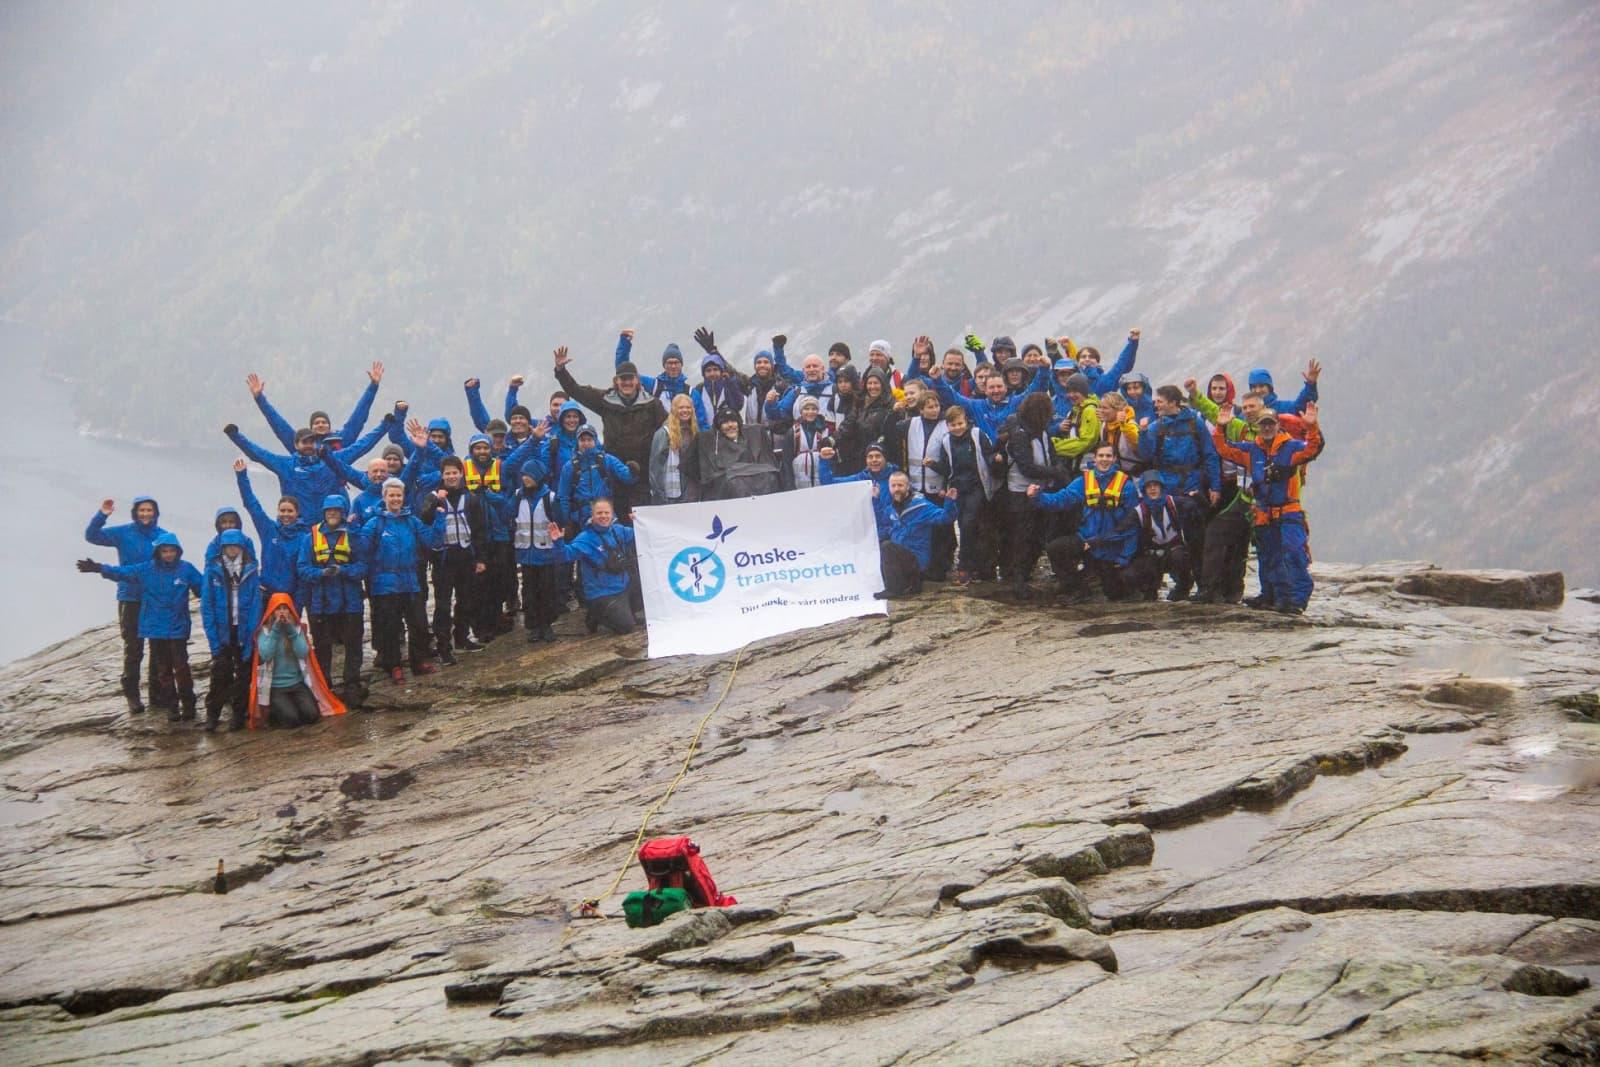 70 frivillige sammen med ALS-syke Bjørn på toppen av Preikestolen. Foto: Elise Åkesson.